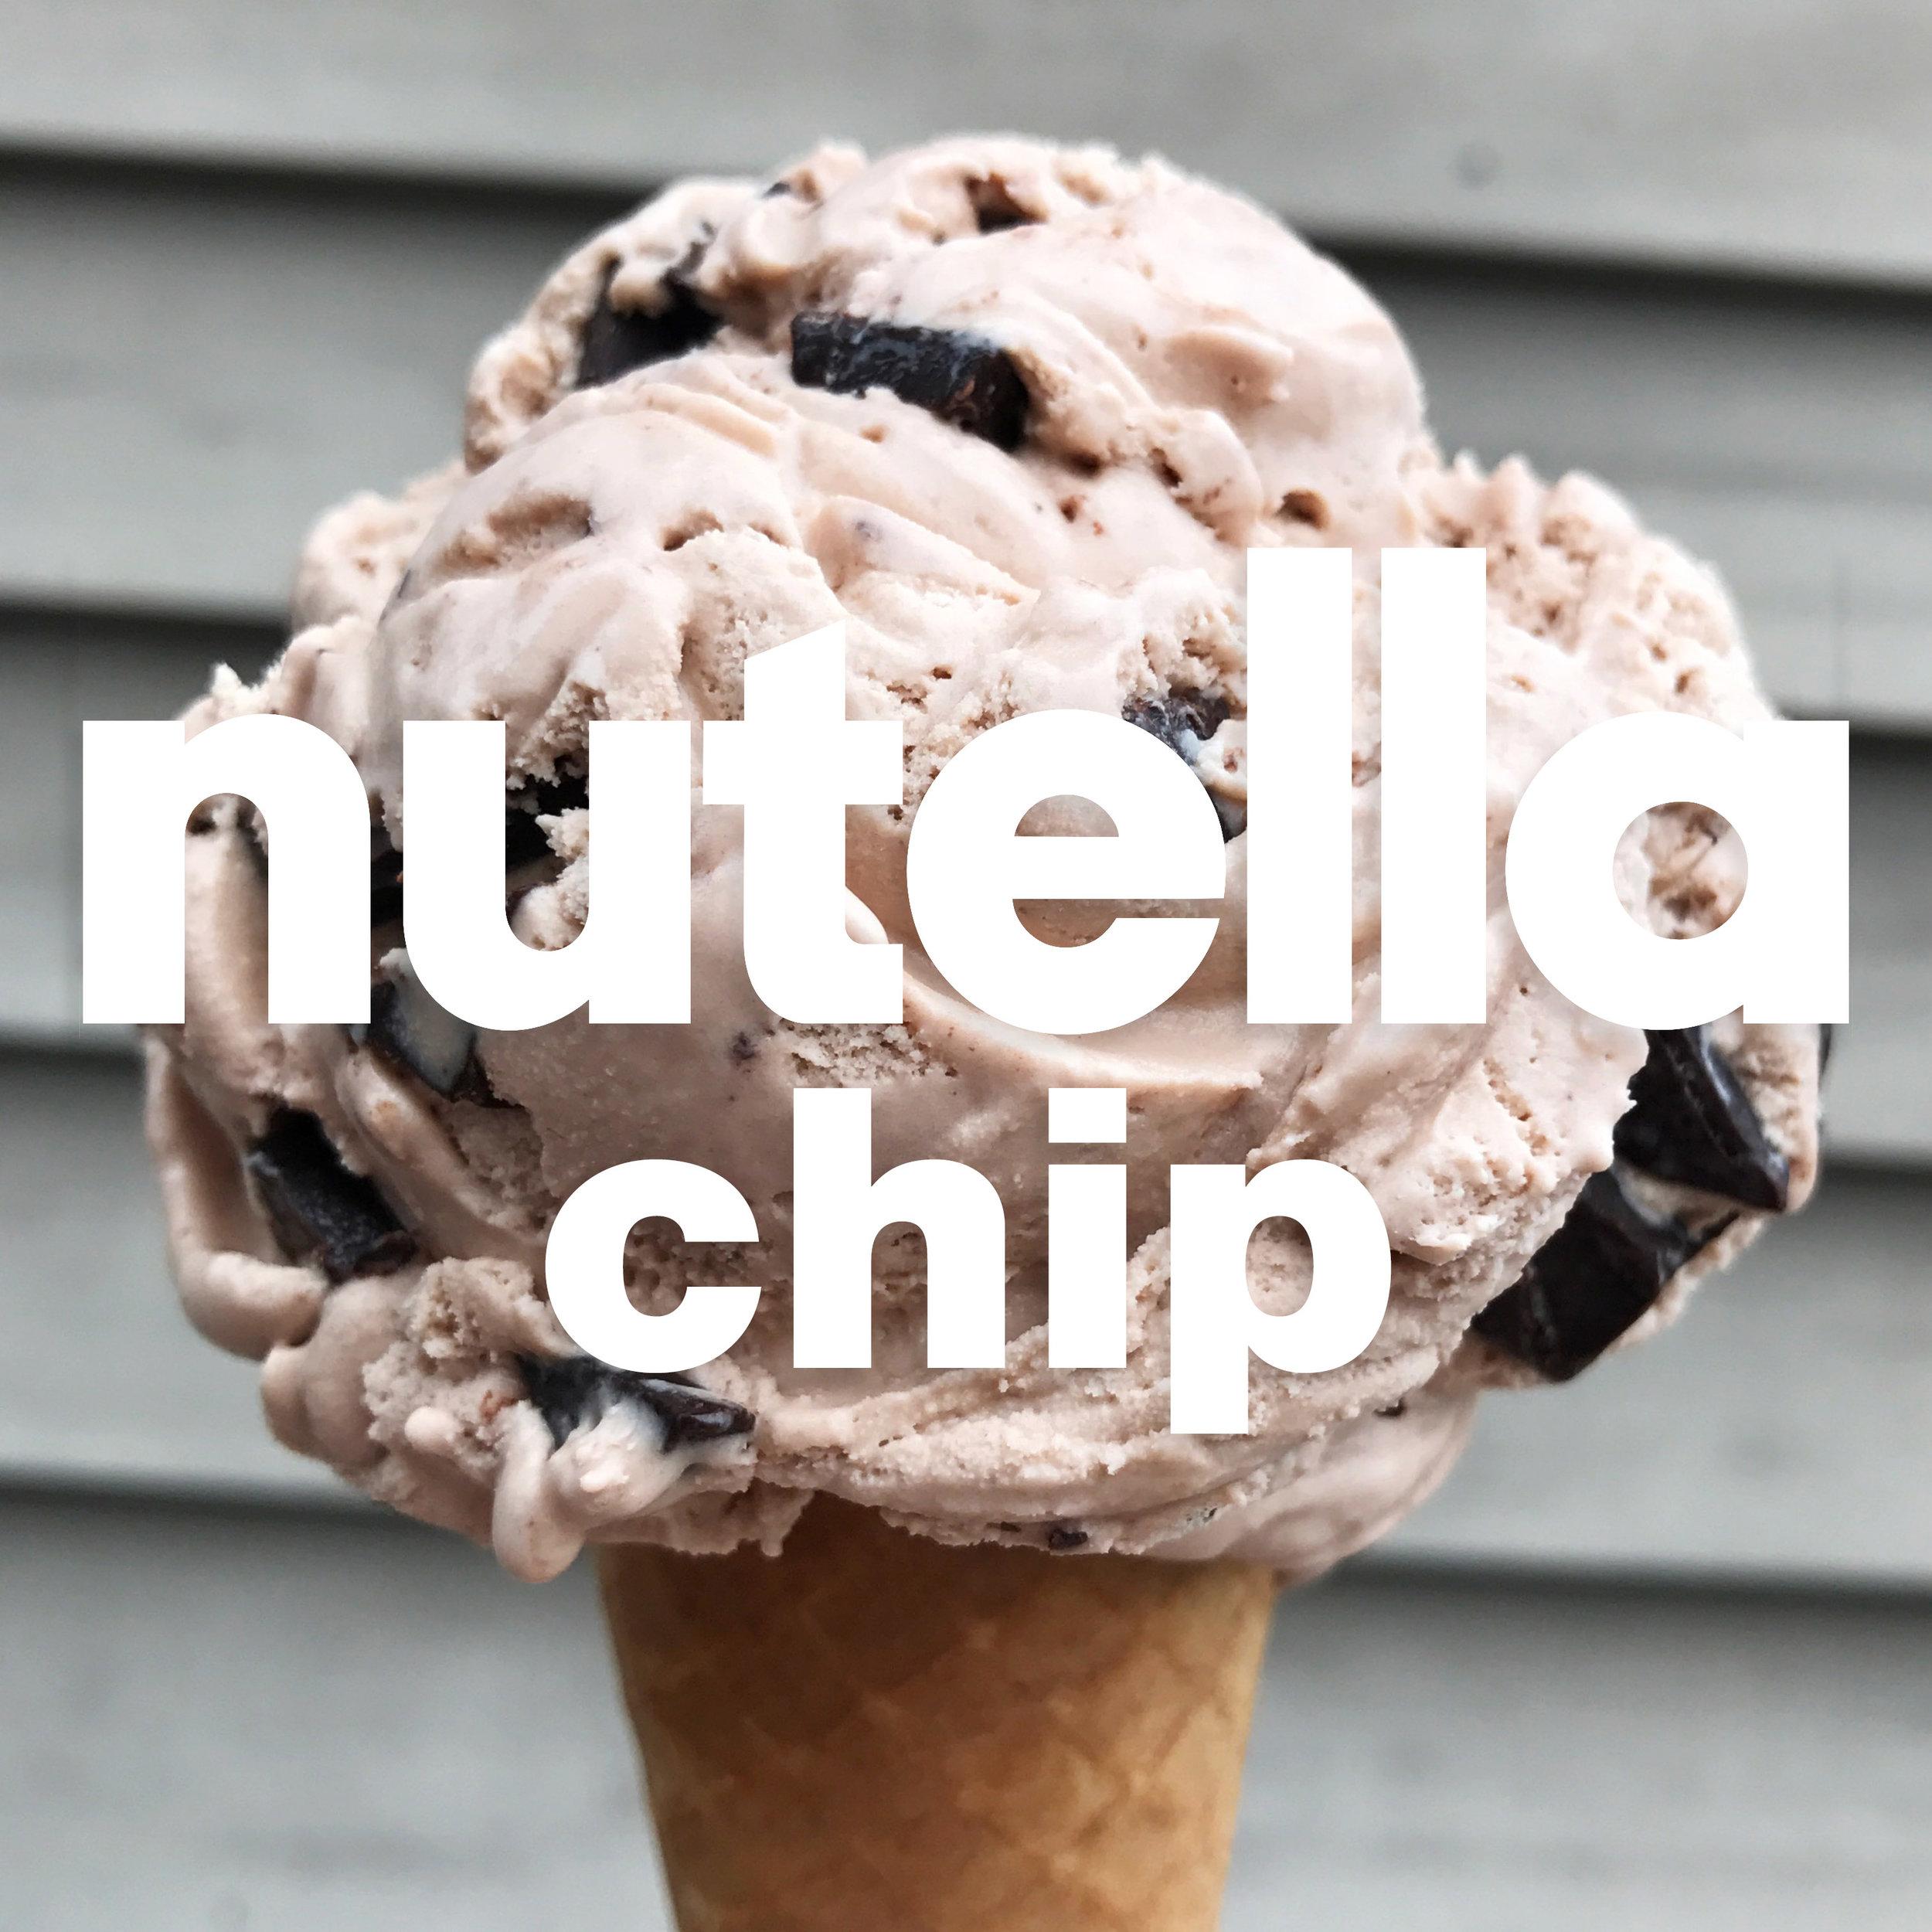 Nutella Chip.jpg